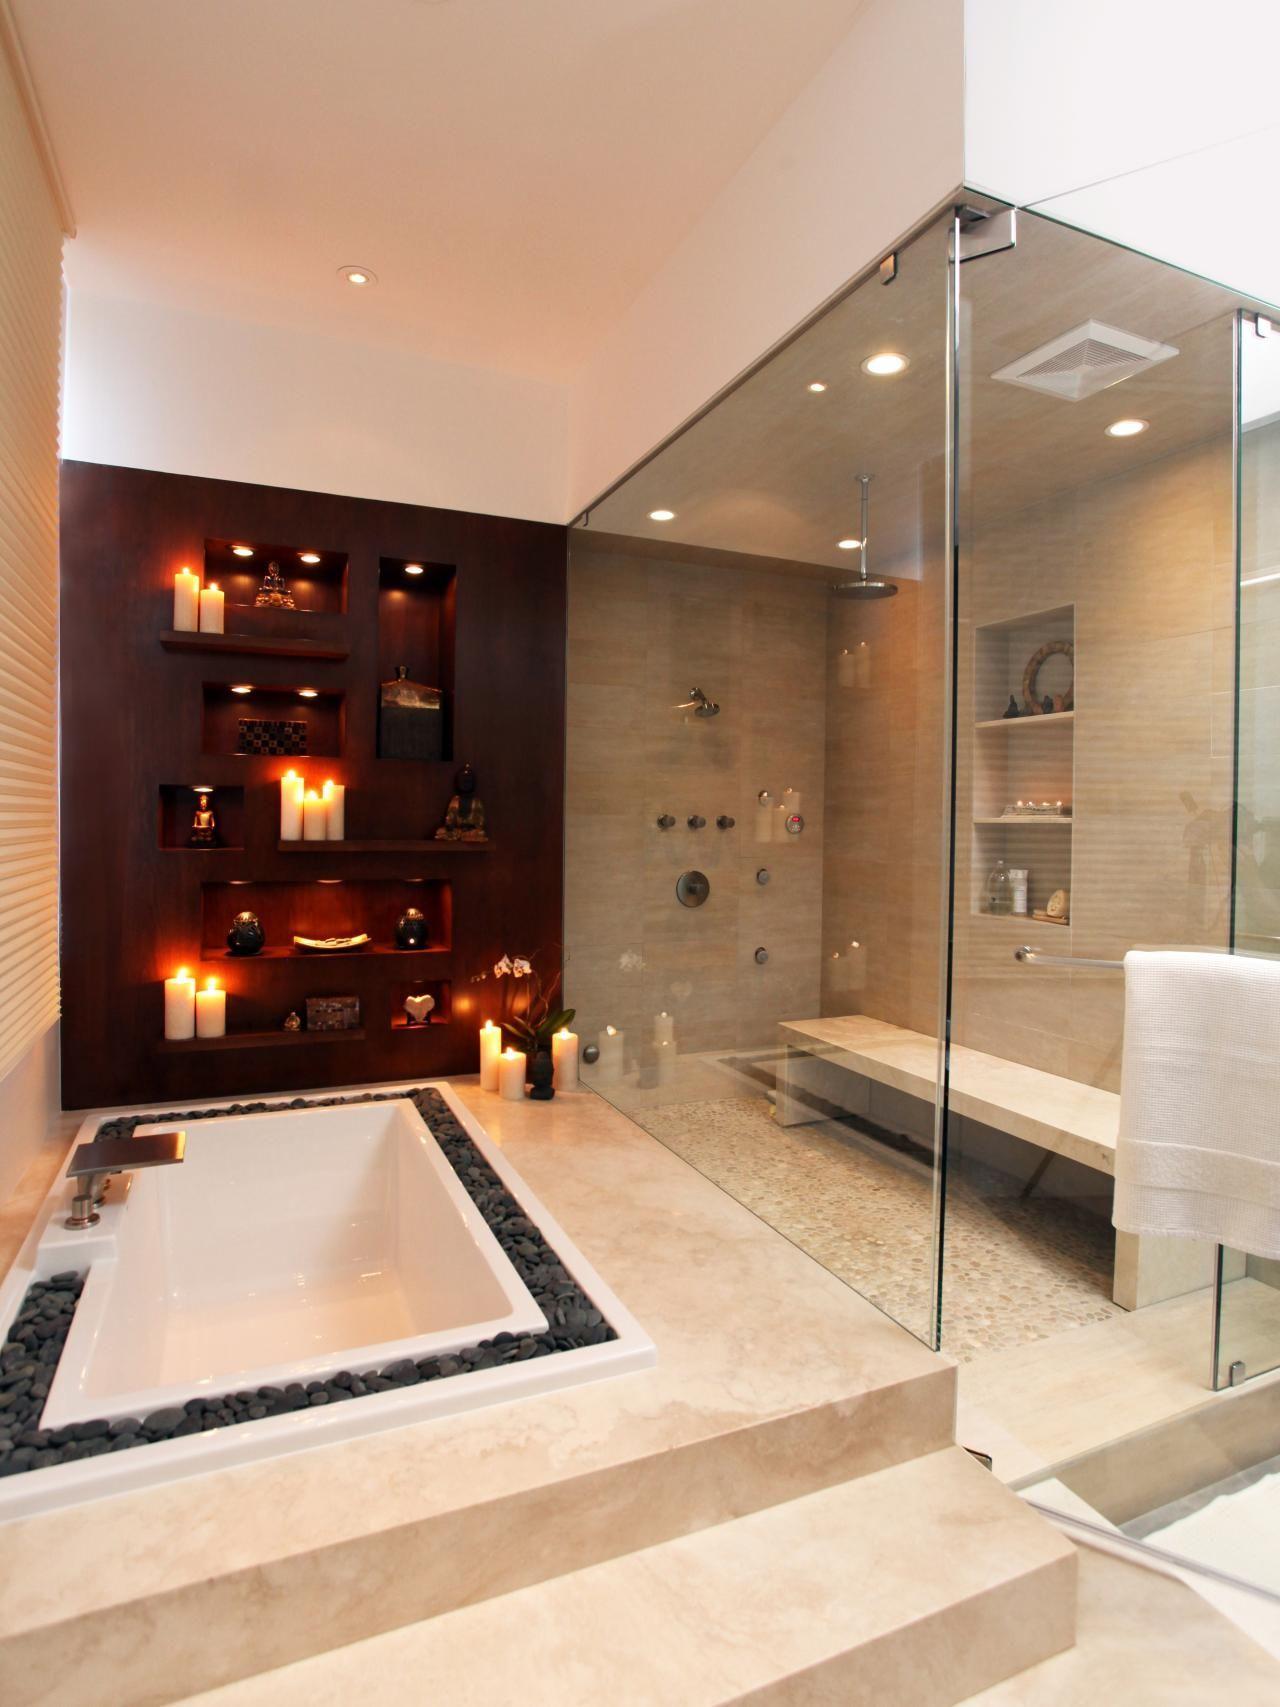 Genial Übergroße Dusche Wanne Combo  Wenn Ihr Bad ist immer ein bisschen outofdate dieses BadLösung ist ideal Einen frischen Anstri design ideas japanese...